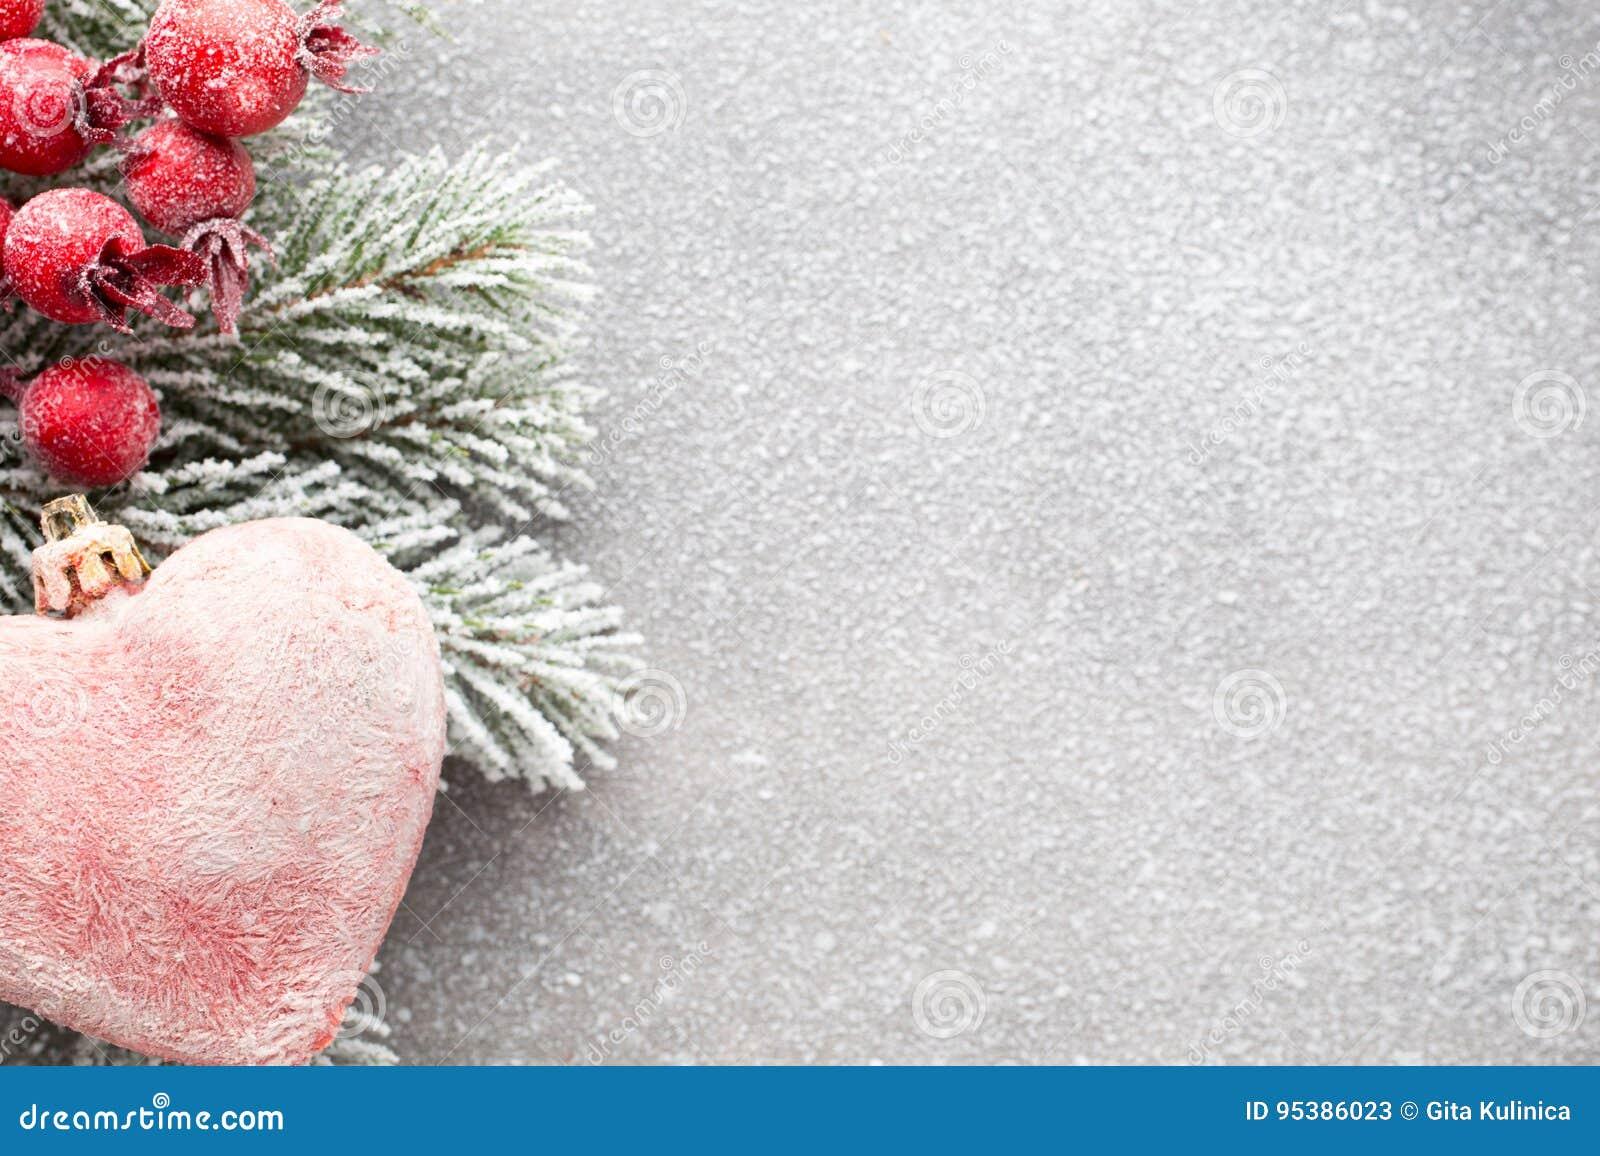 Weihnachtsbilder Zum Kopieren.Mehr Weihnachtsbilder In Meinem Portfolio Stockbild Bild Von